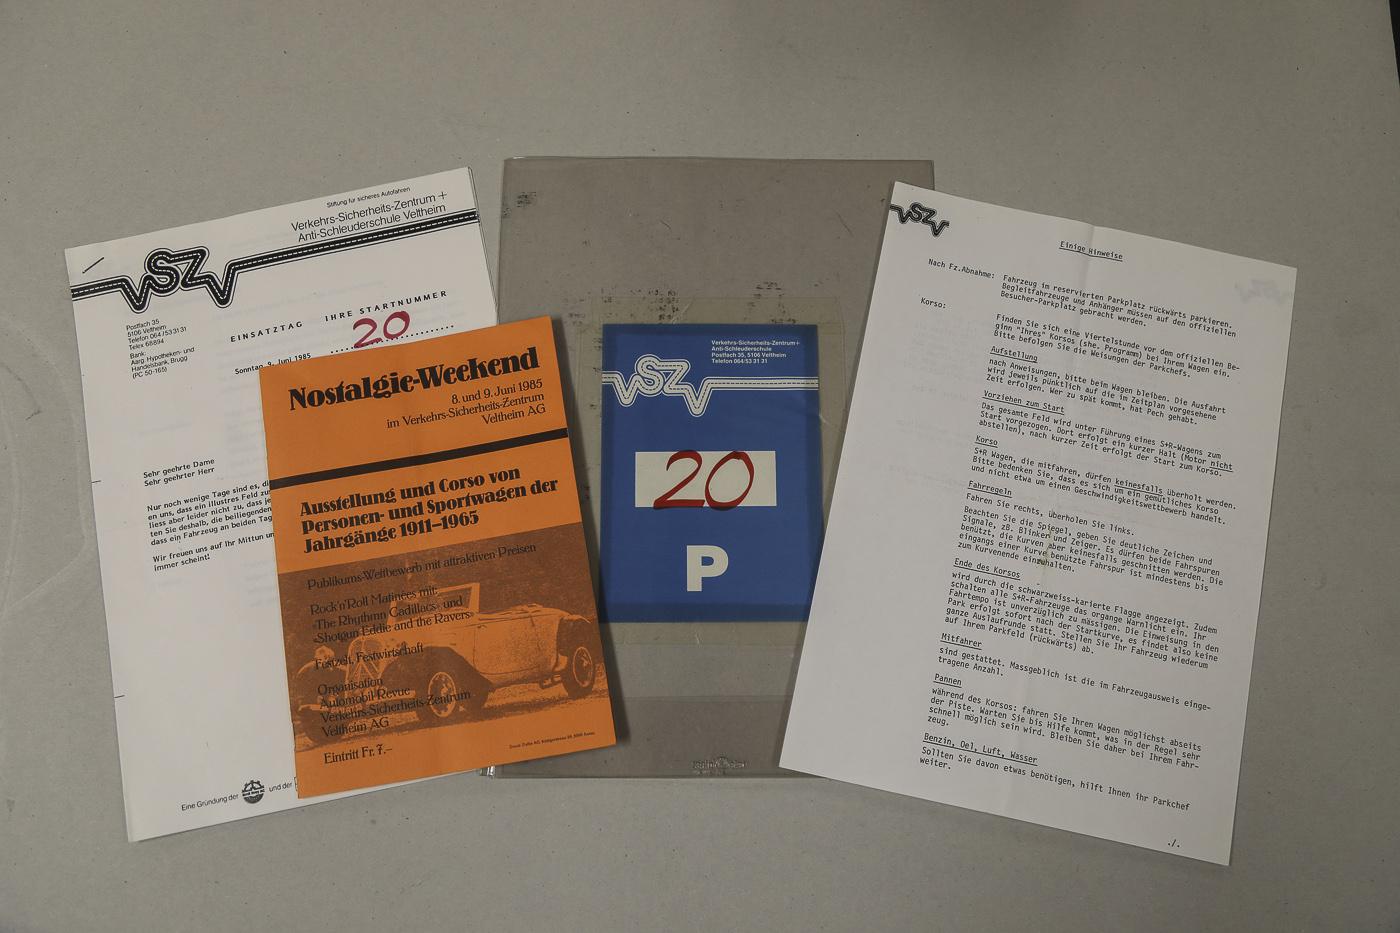 Nostalgie-Weekend im Verkehrs-Sicherheits Zentrum Veltheim, Juni 1985